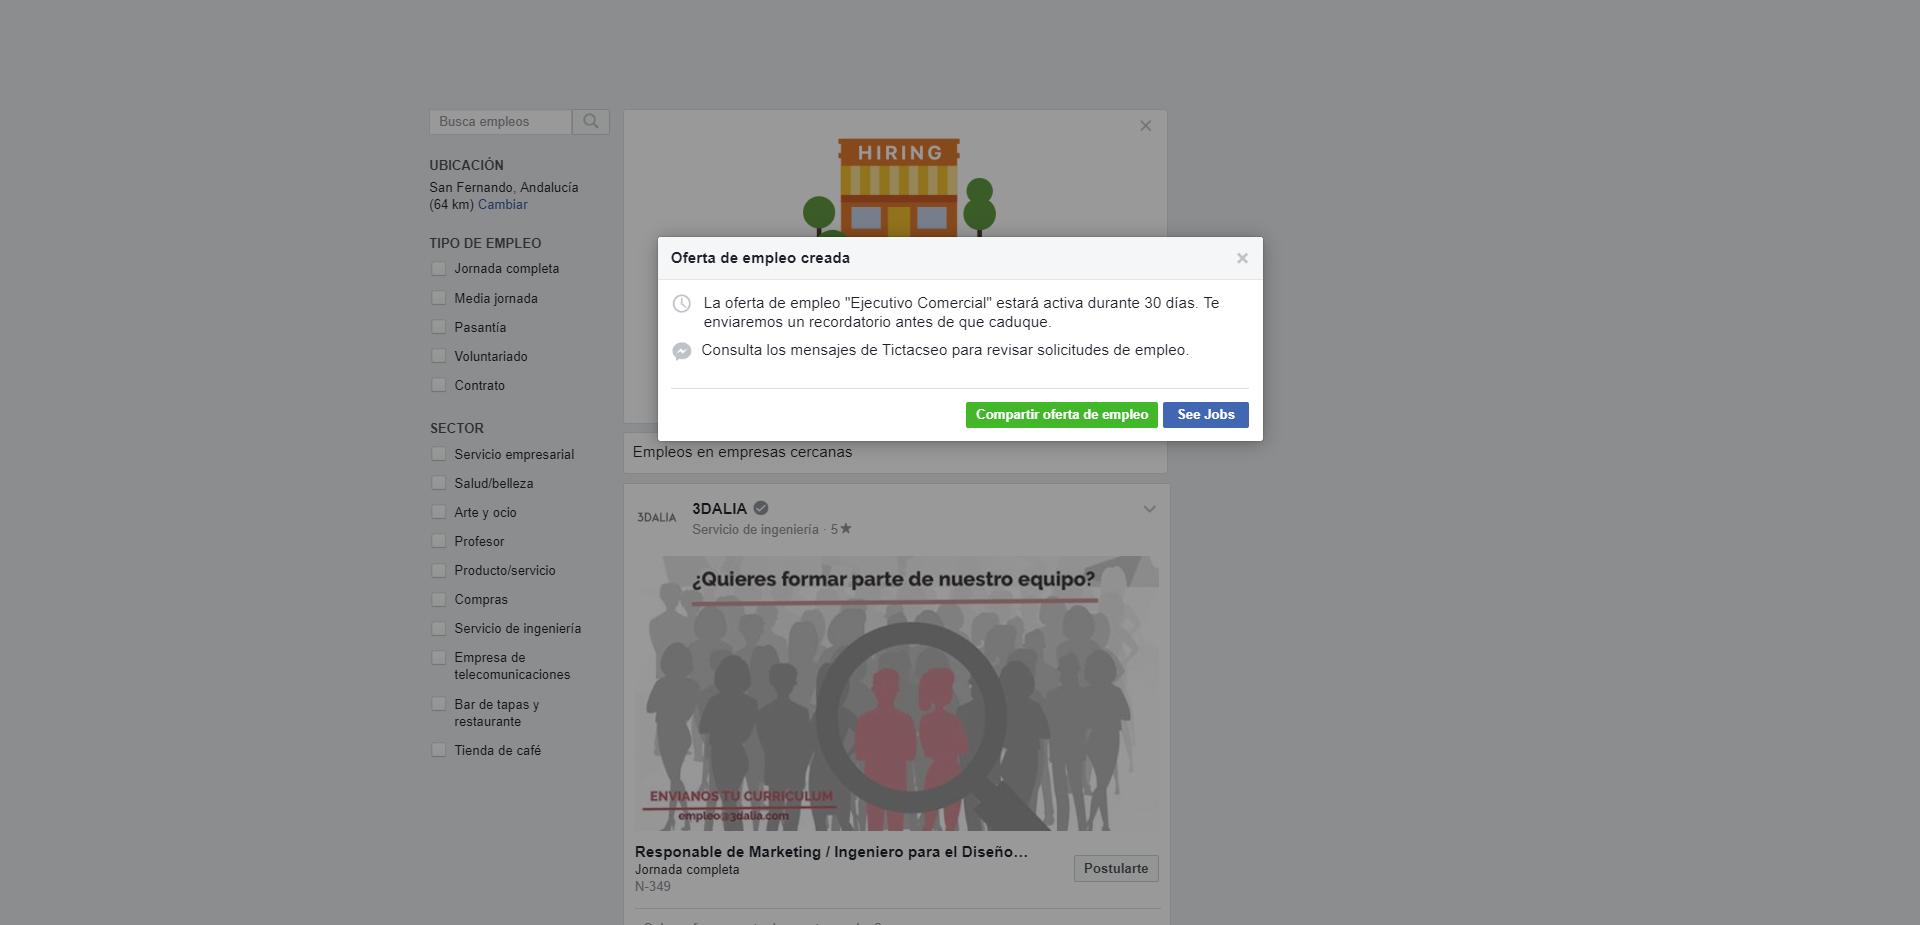 paso 3 para publicar una oferta de empleo en Facebook